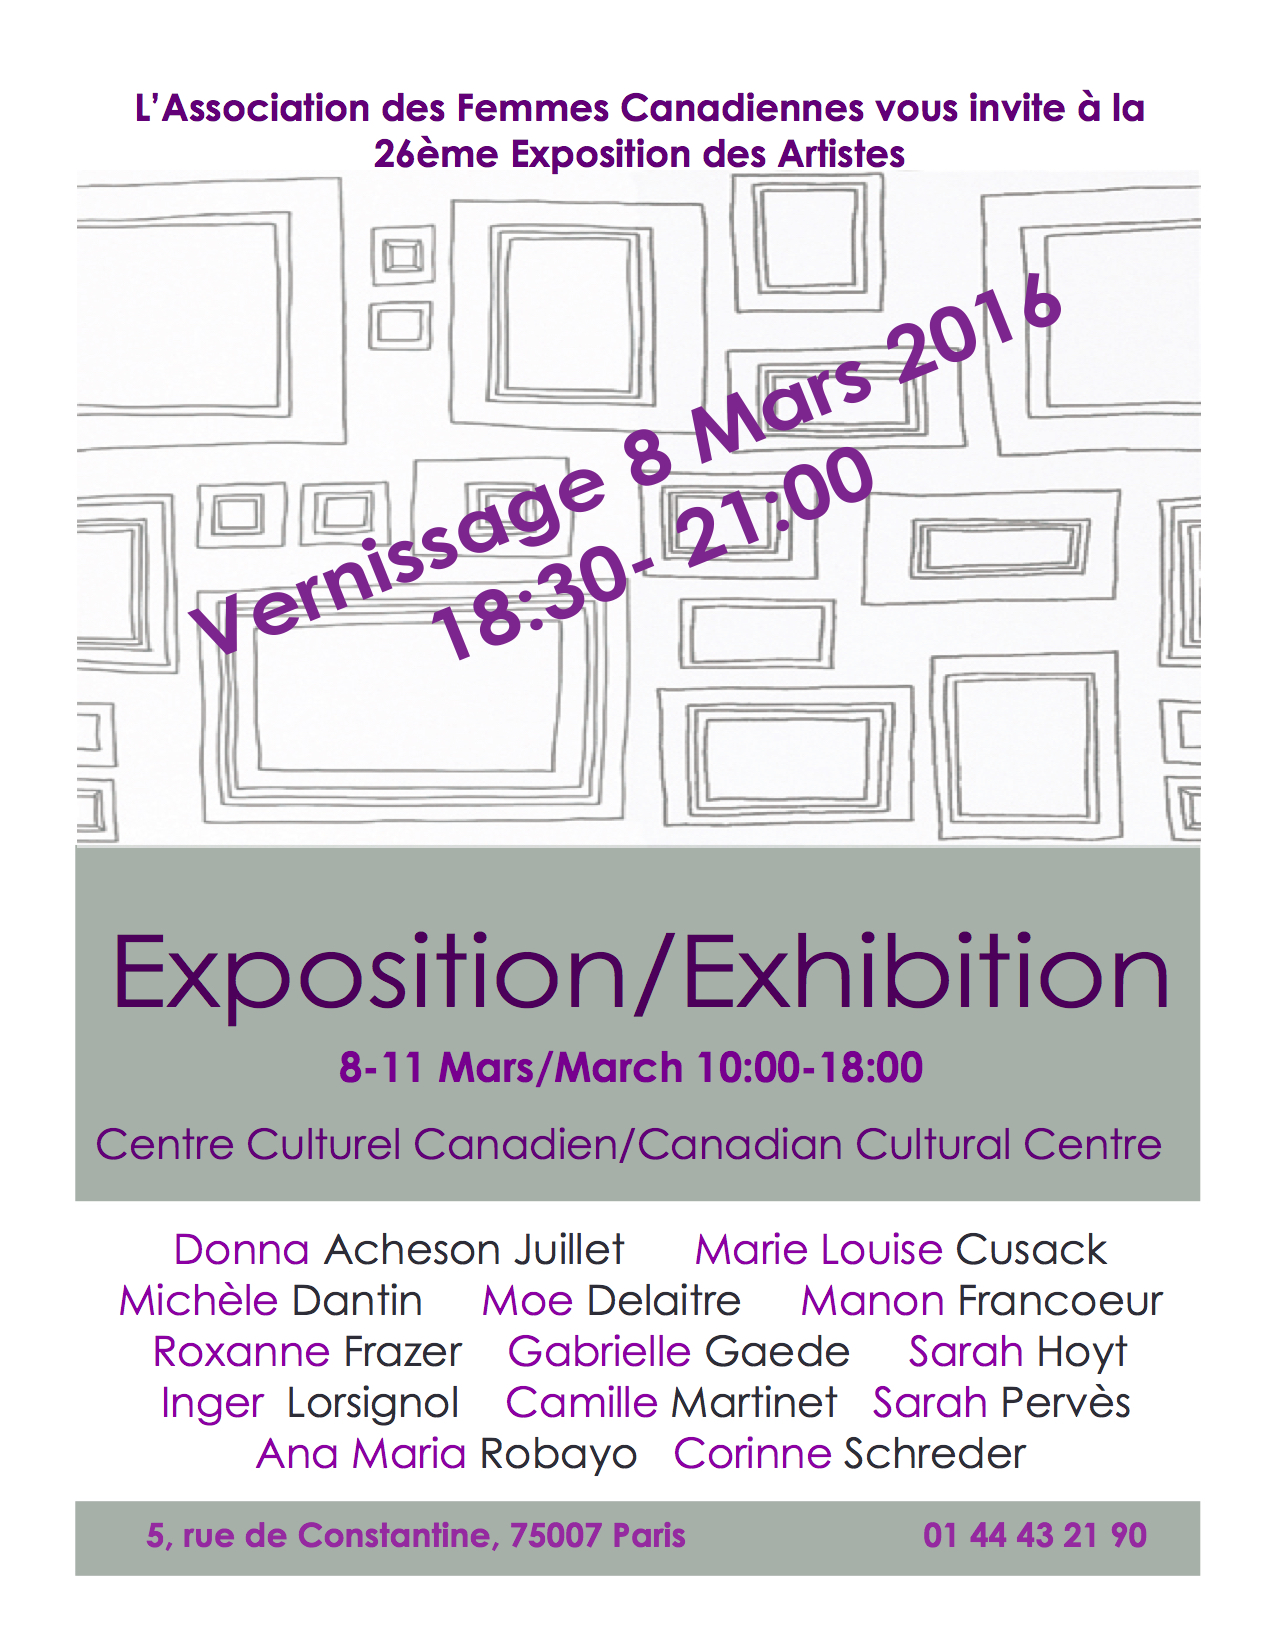 26e exposition des artistes